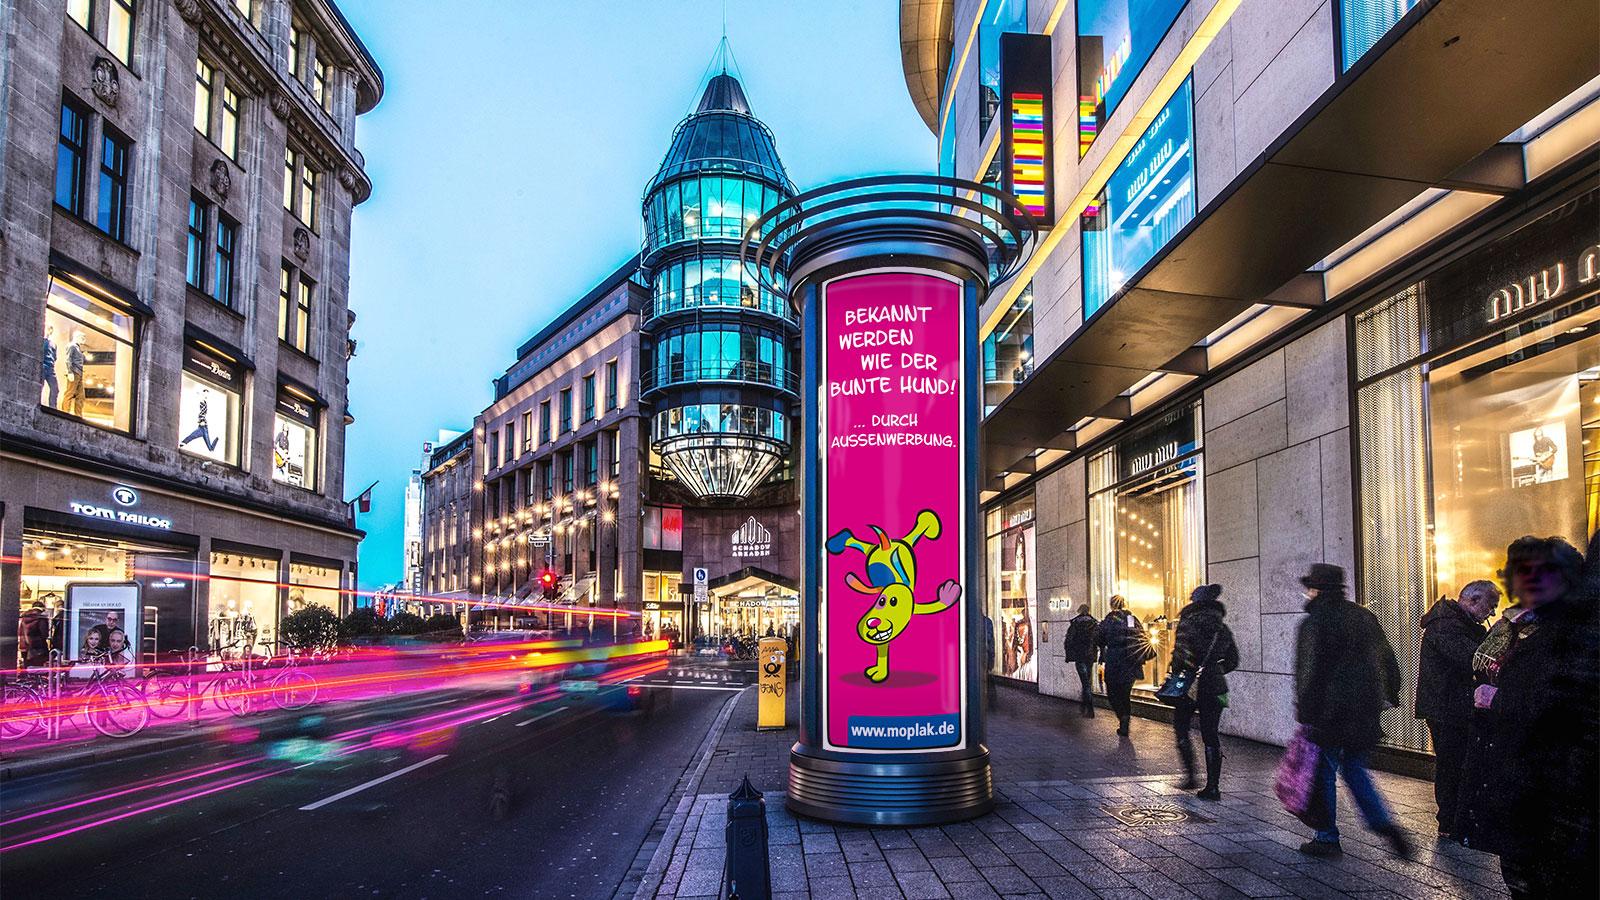 Oldenburg-Aussenwerbung-Litfasssaeule-Werbung